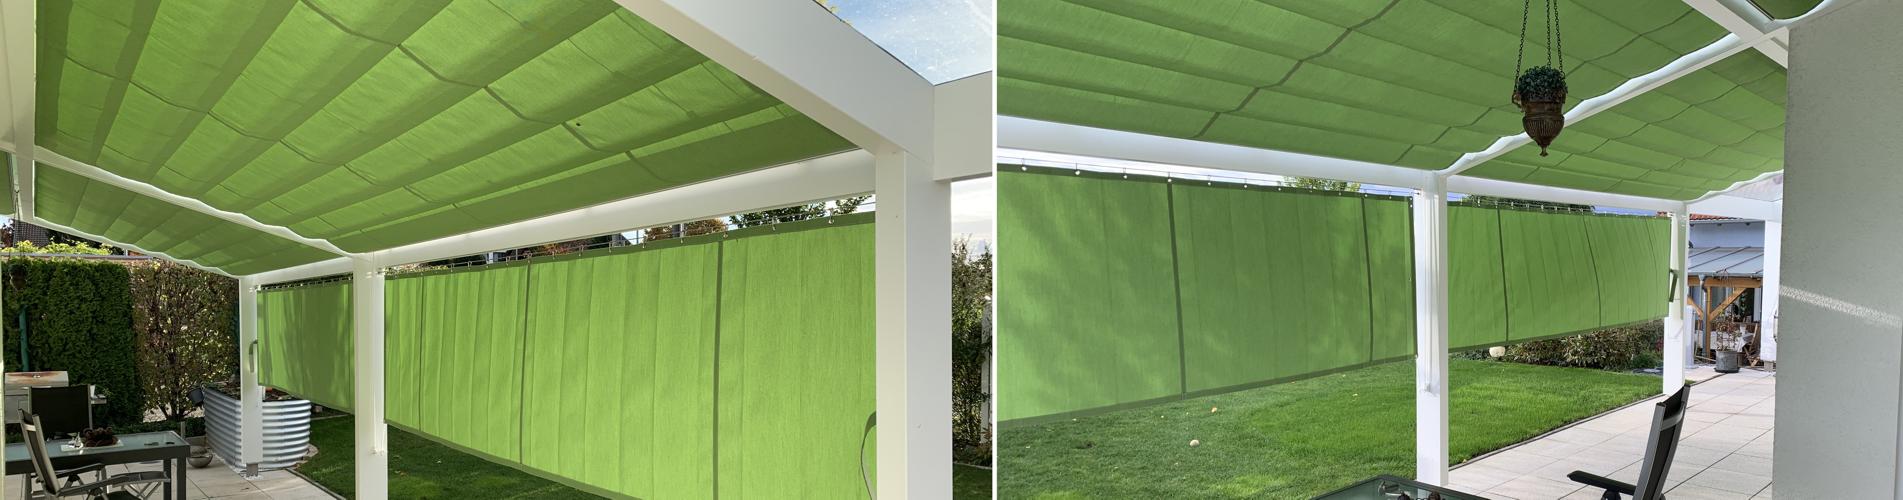 Faltmarkise + Vorhang